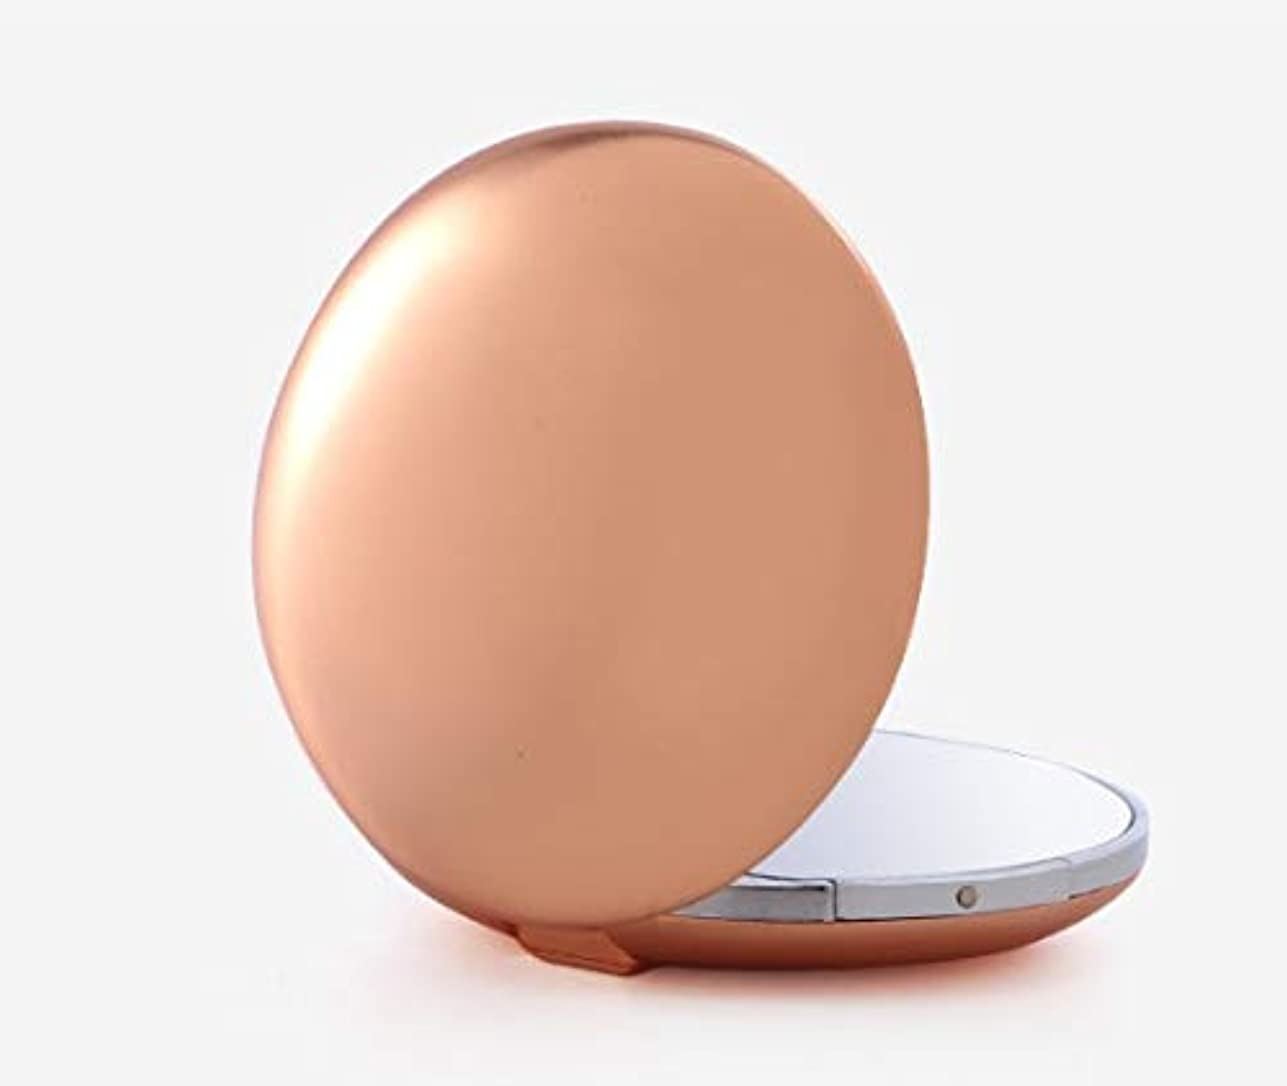 想像力ぬいぐるみ前提化粧鏡、ゴールド亜鉛合金テクスチャアップグレード化粧鏡化粧鏡化粧ギフト